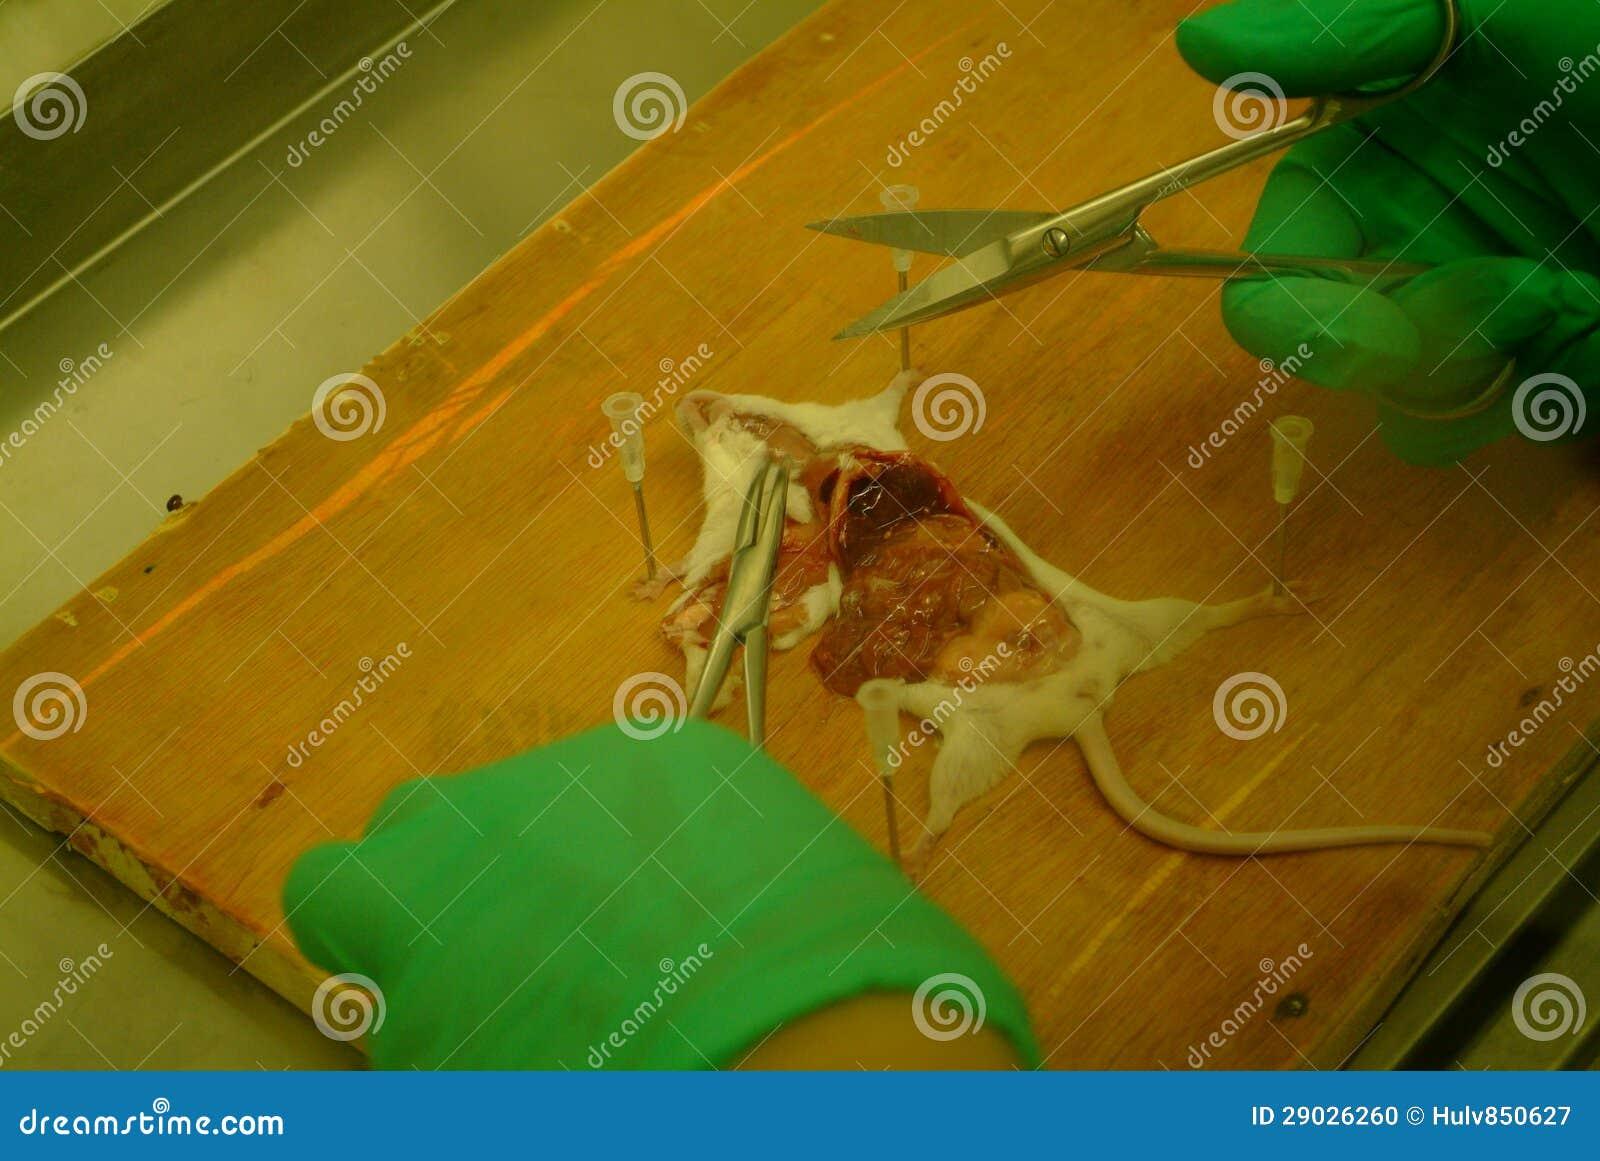 Anatomía del ratón foto de archivo. Imagen de critter - 29026260